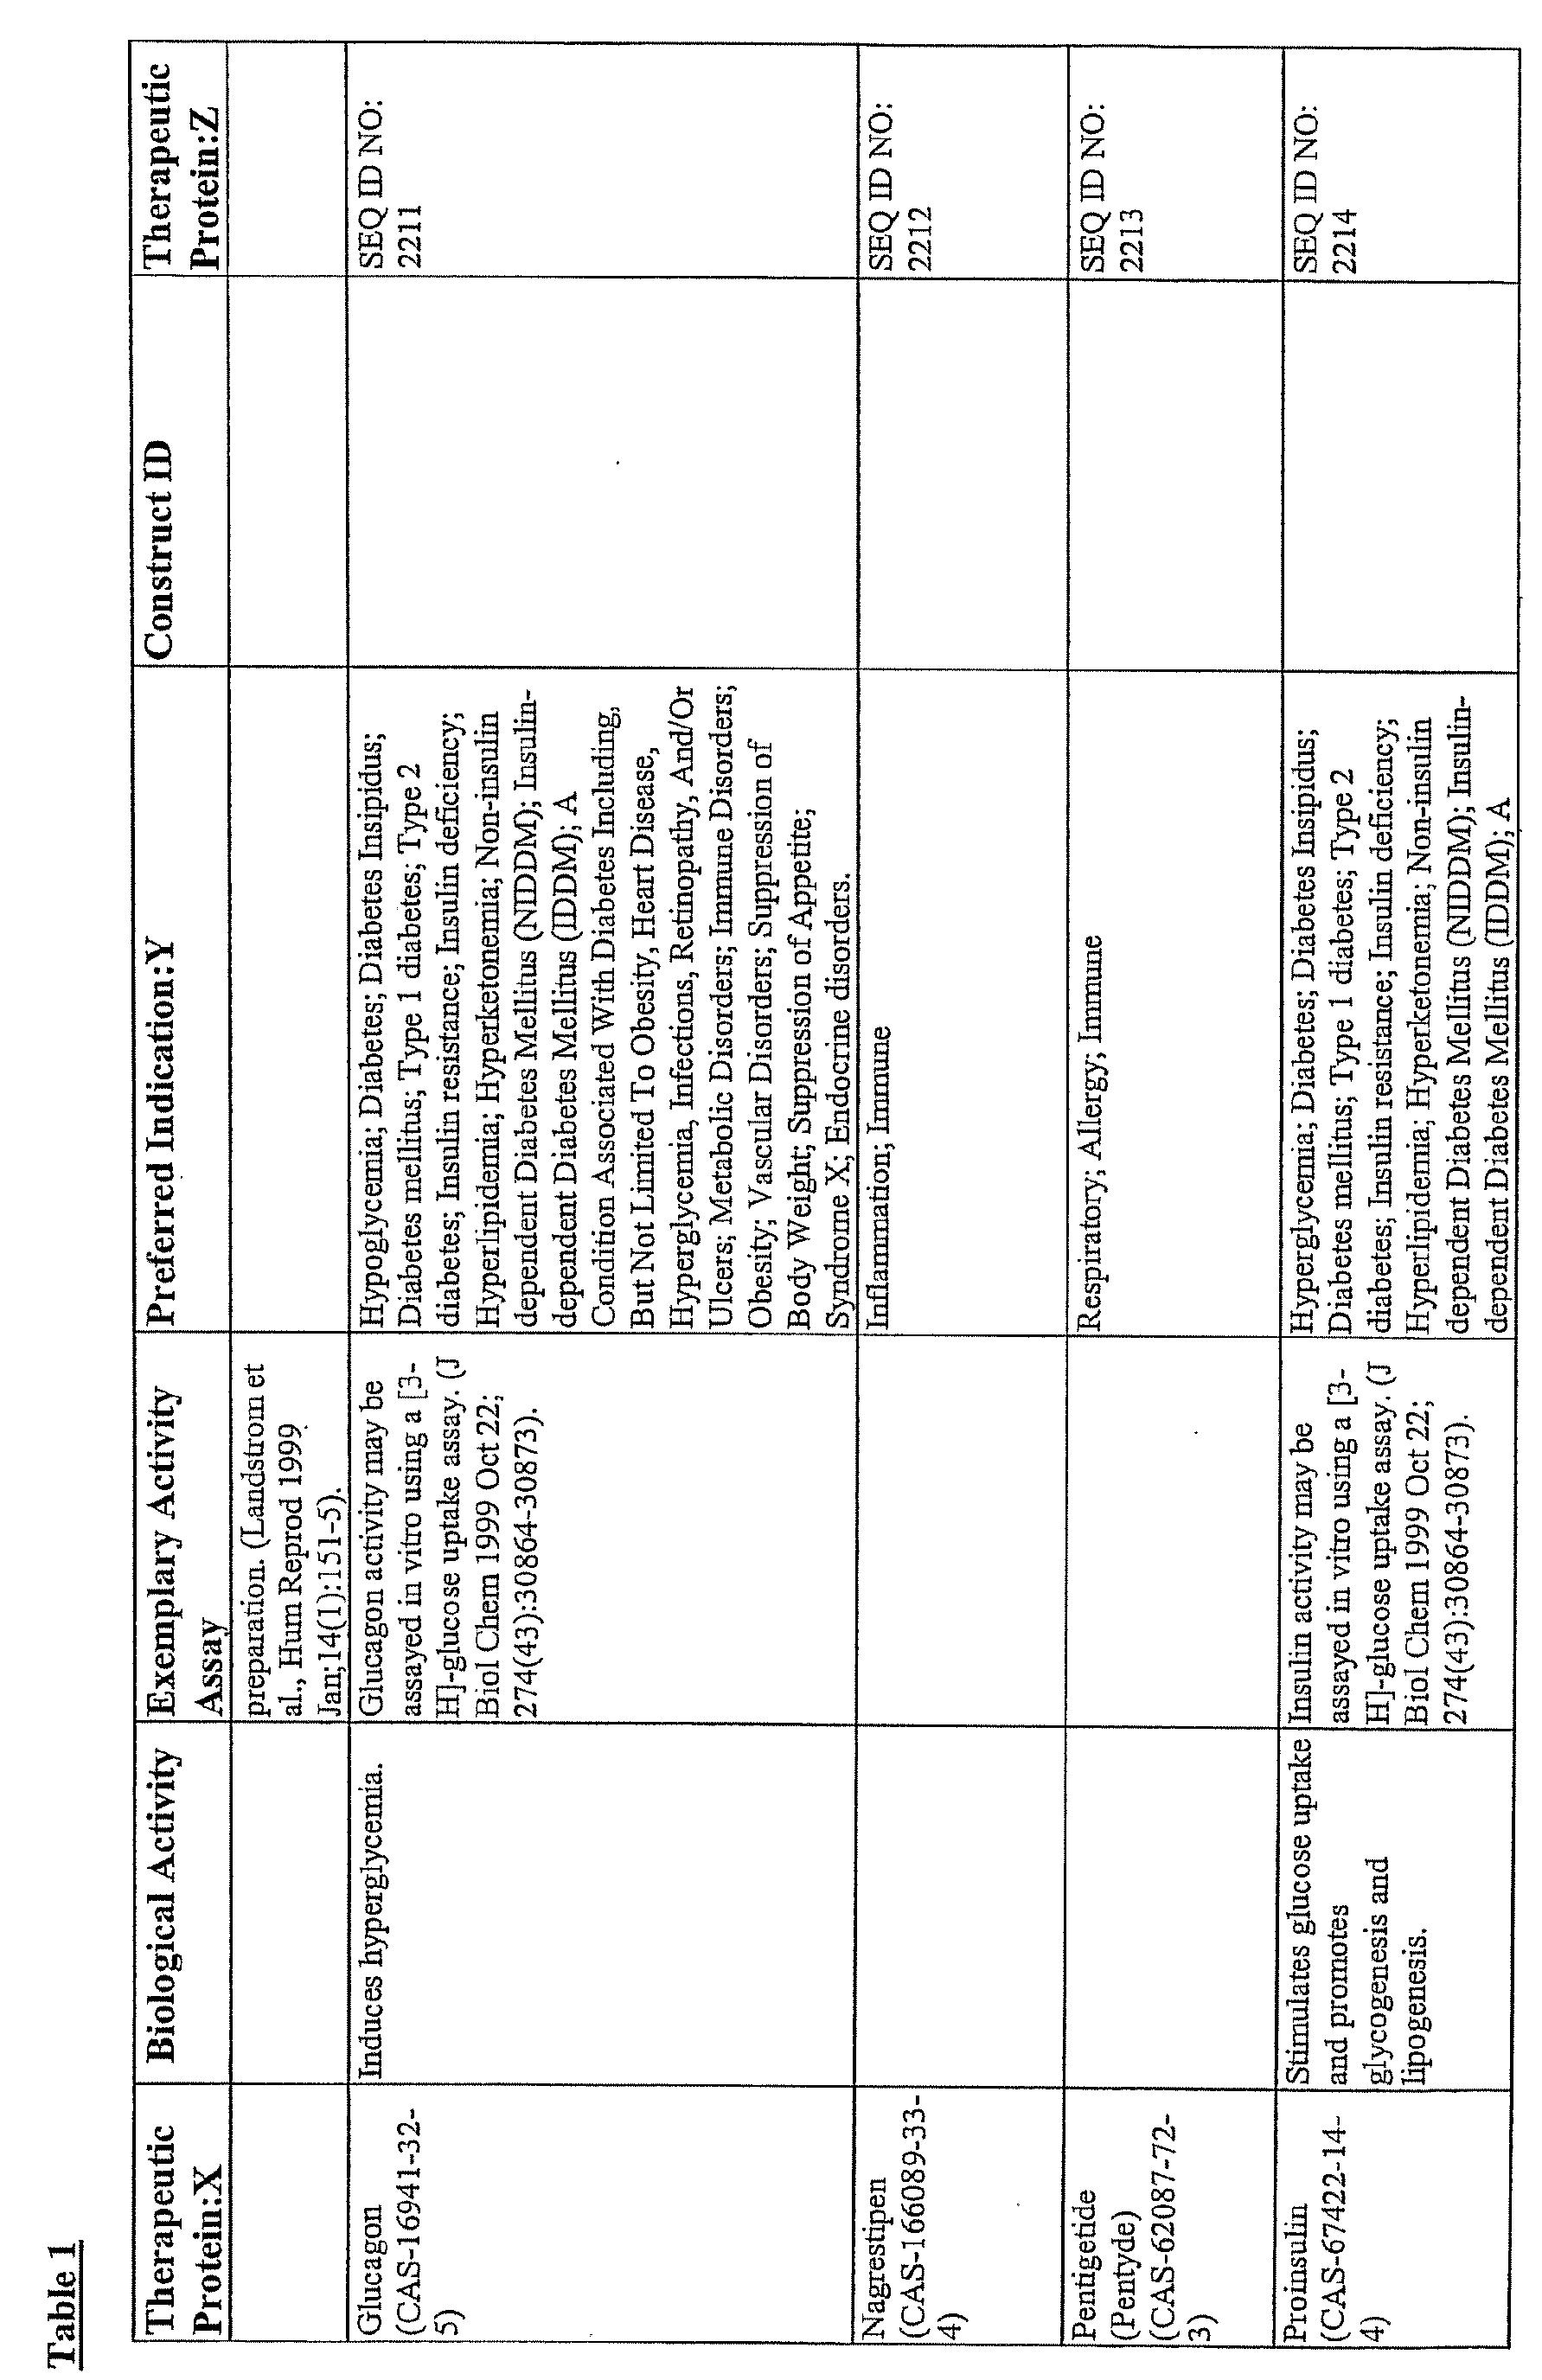 EP2990417A1 - Albumin insulin fusion protein - Google Patents